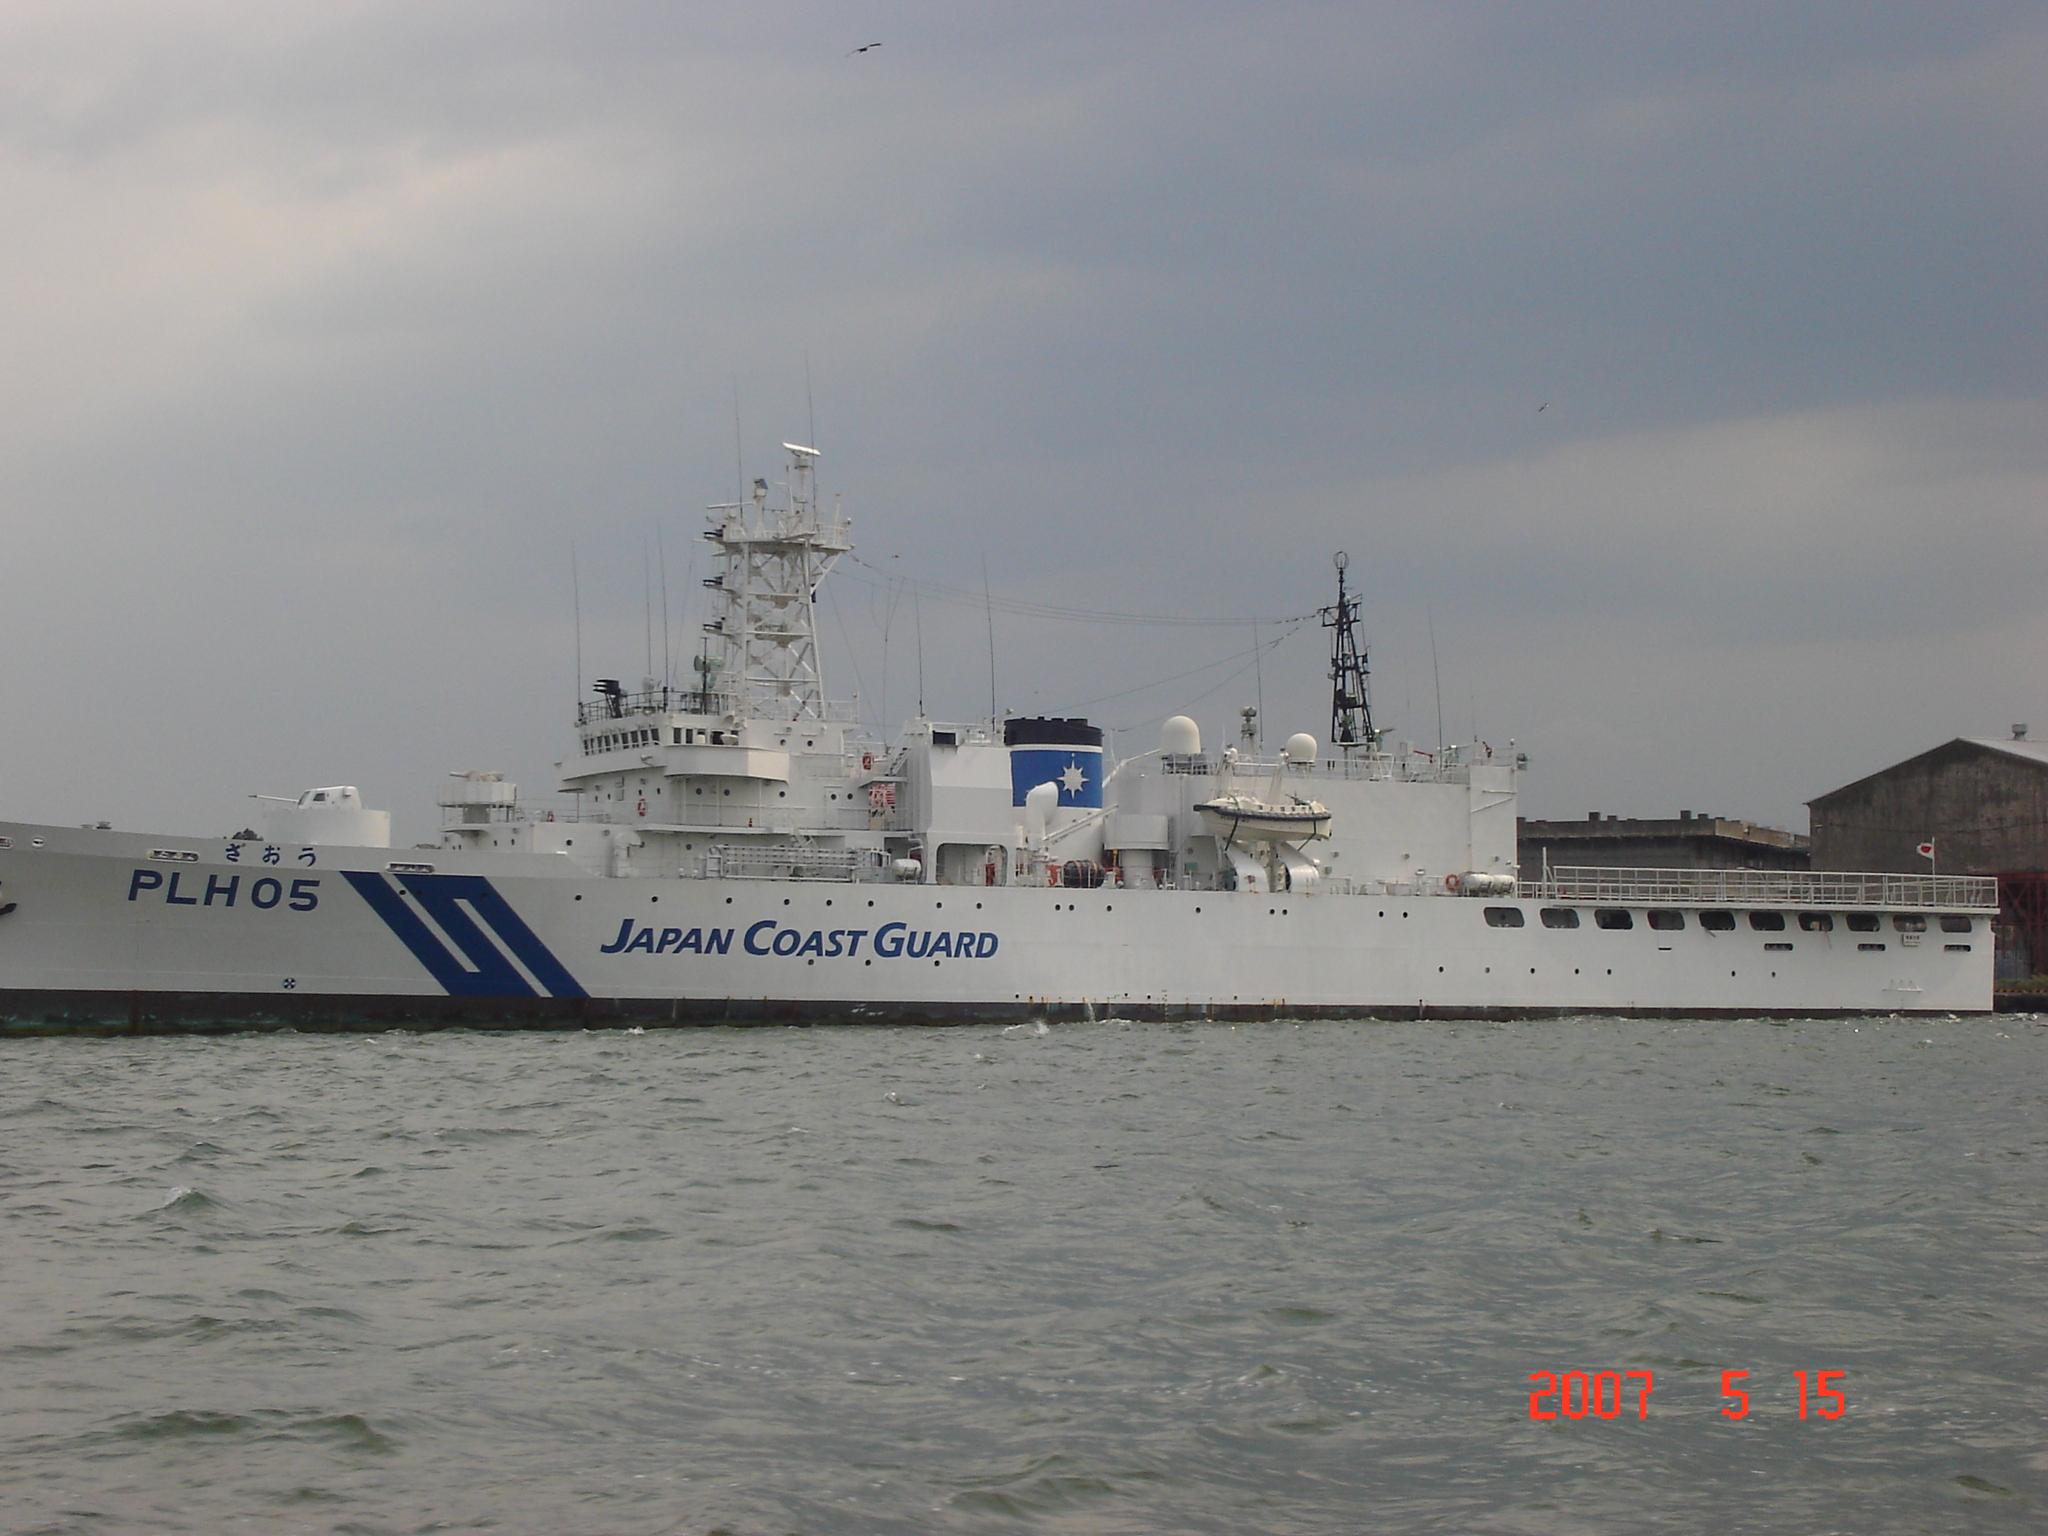 Dsc02415